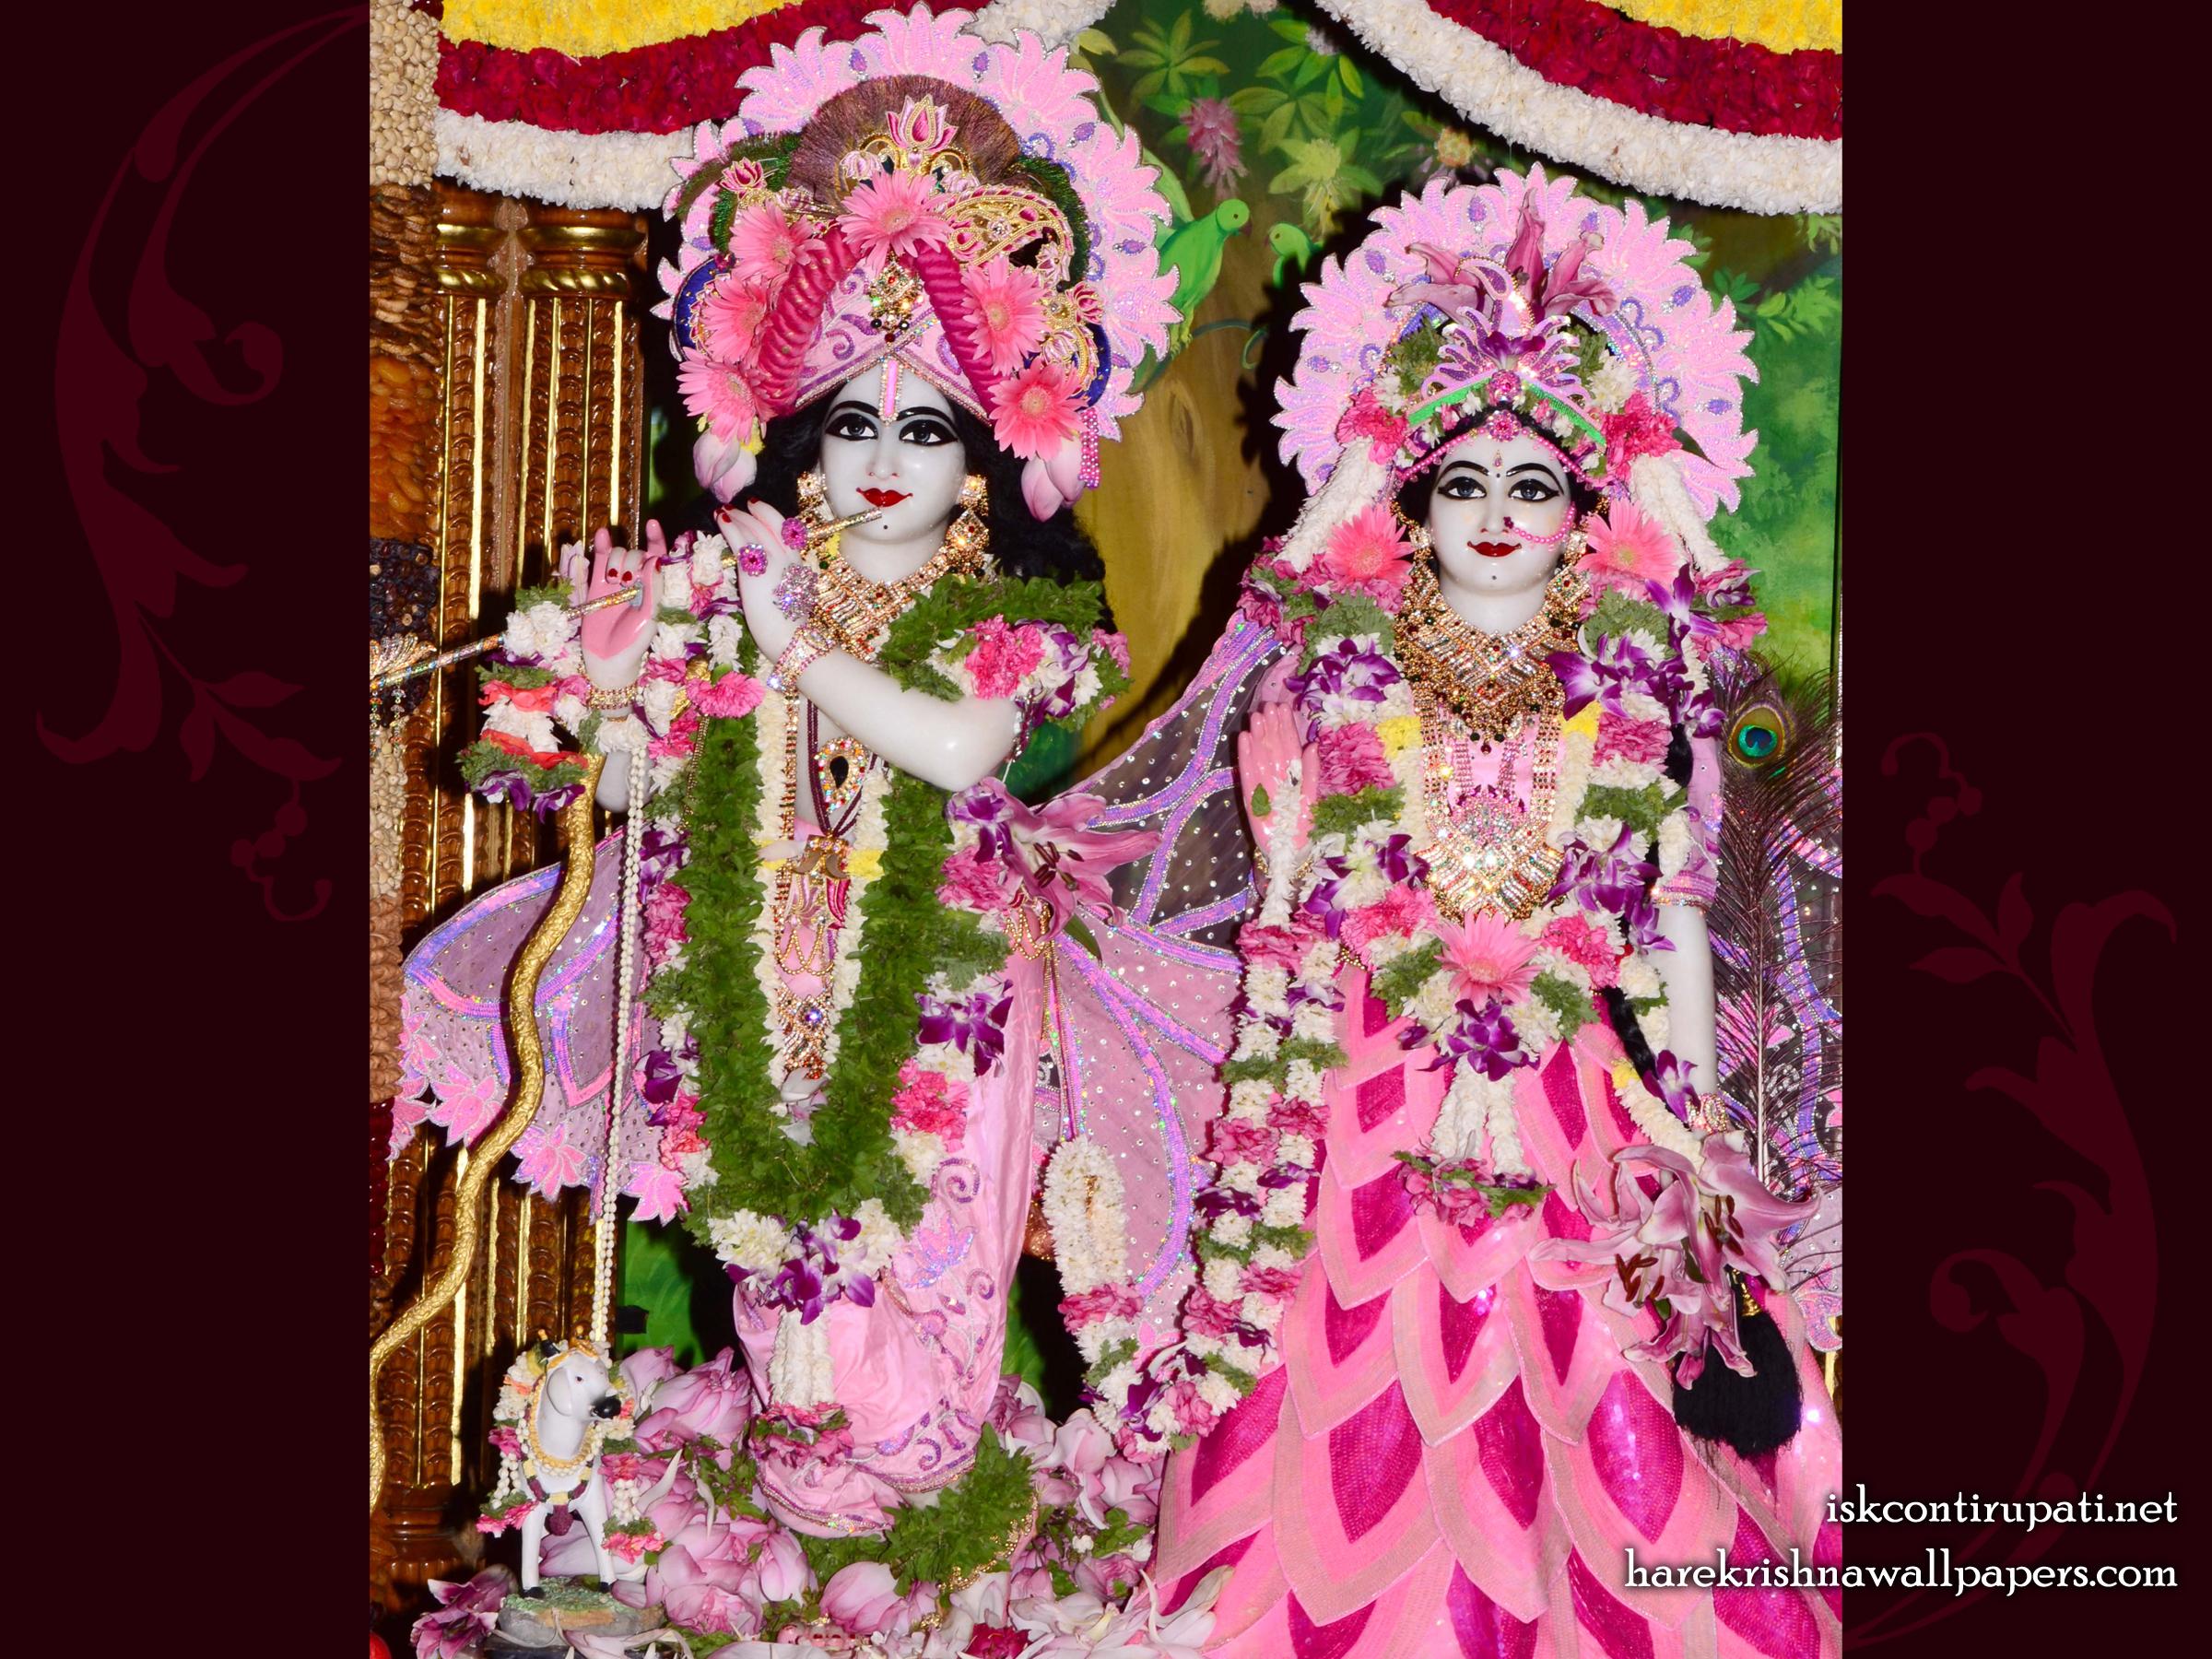 Sri Sri Radha Govinda Wallpaper (009) Size 2400x1800 Download